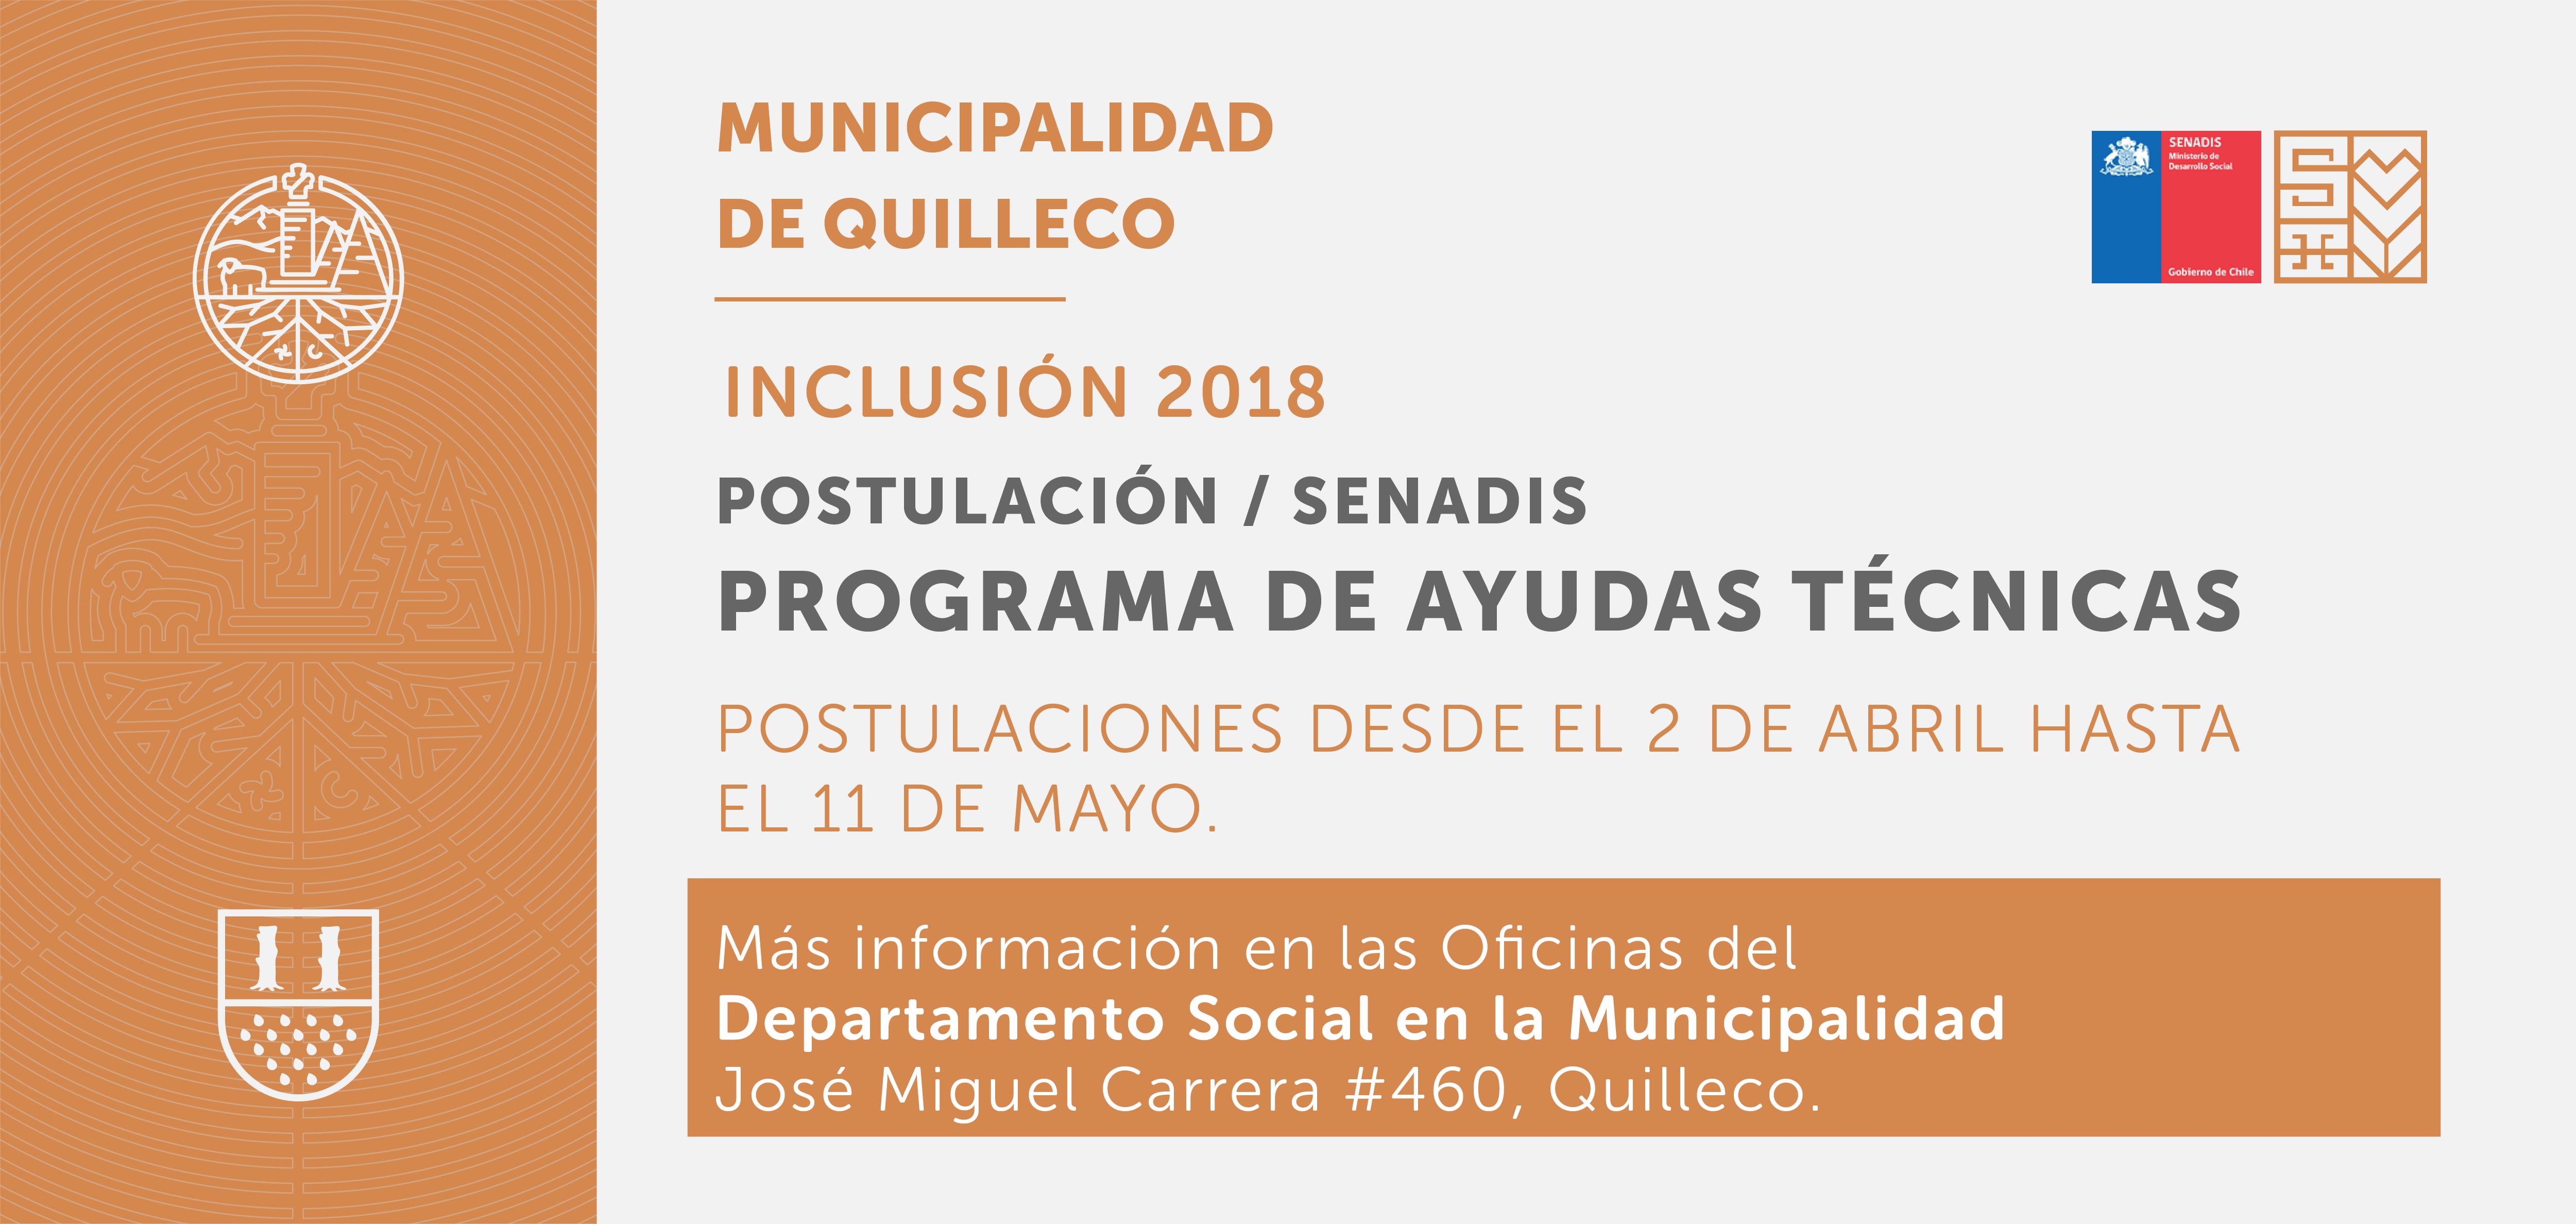 El Departamento Social de la Municipalidad de Quilleco hace un llamado a postular al Programa de Financiamiento de Ayudas Técnicas 2018.